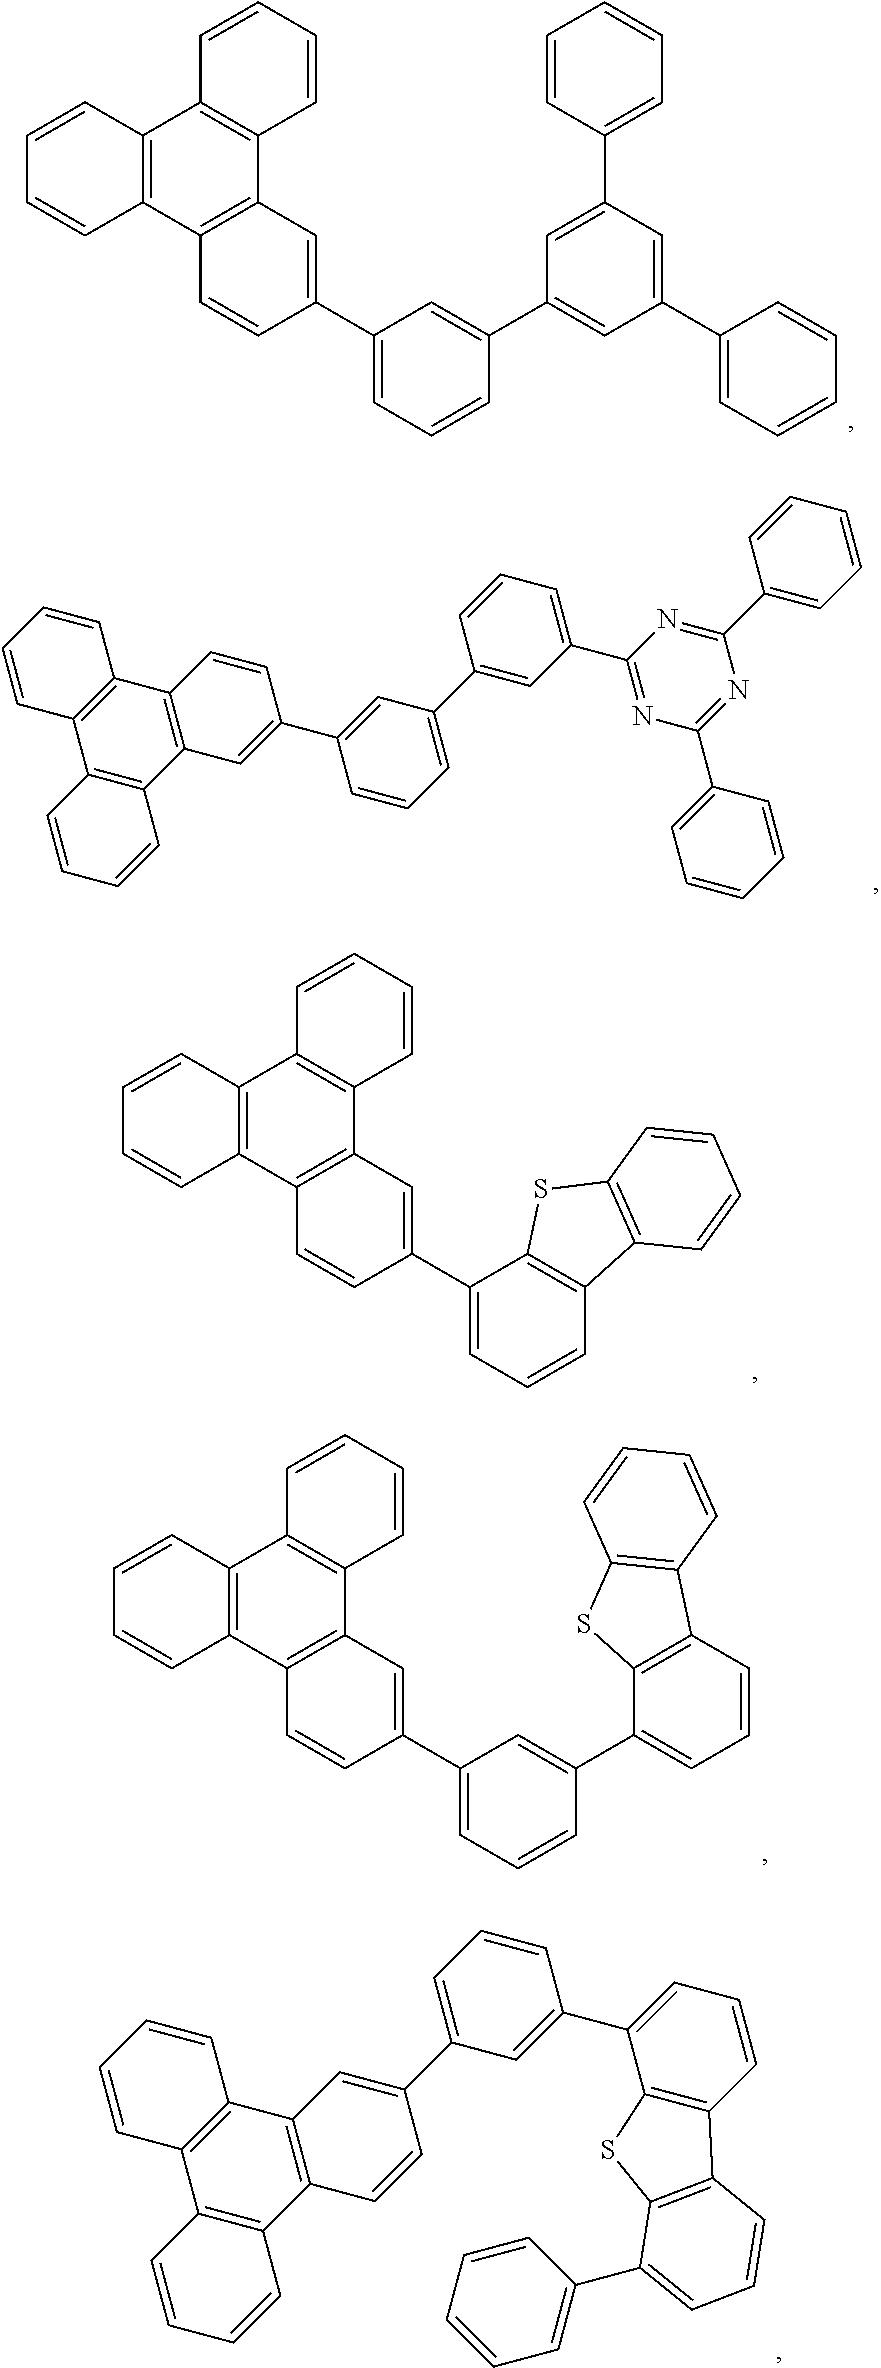 Figure US20180130962A1-20180510-C00325